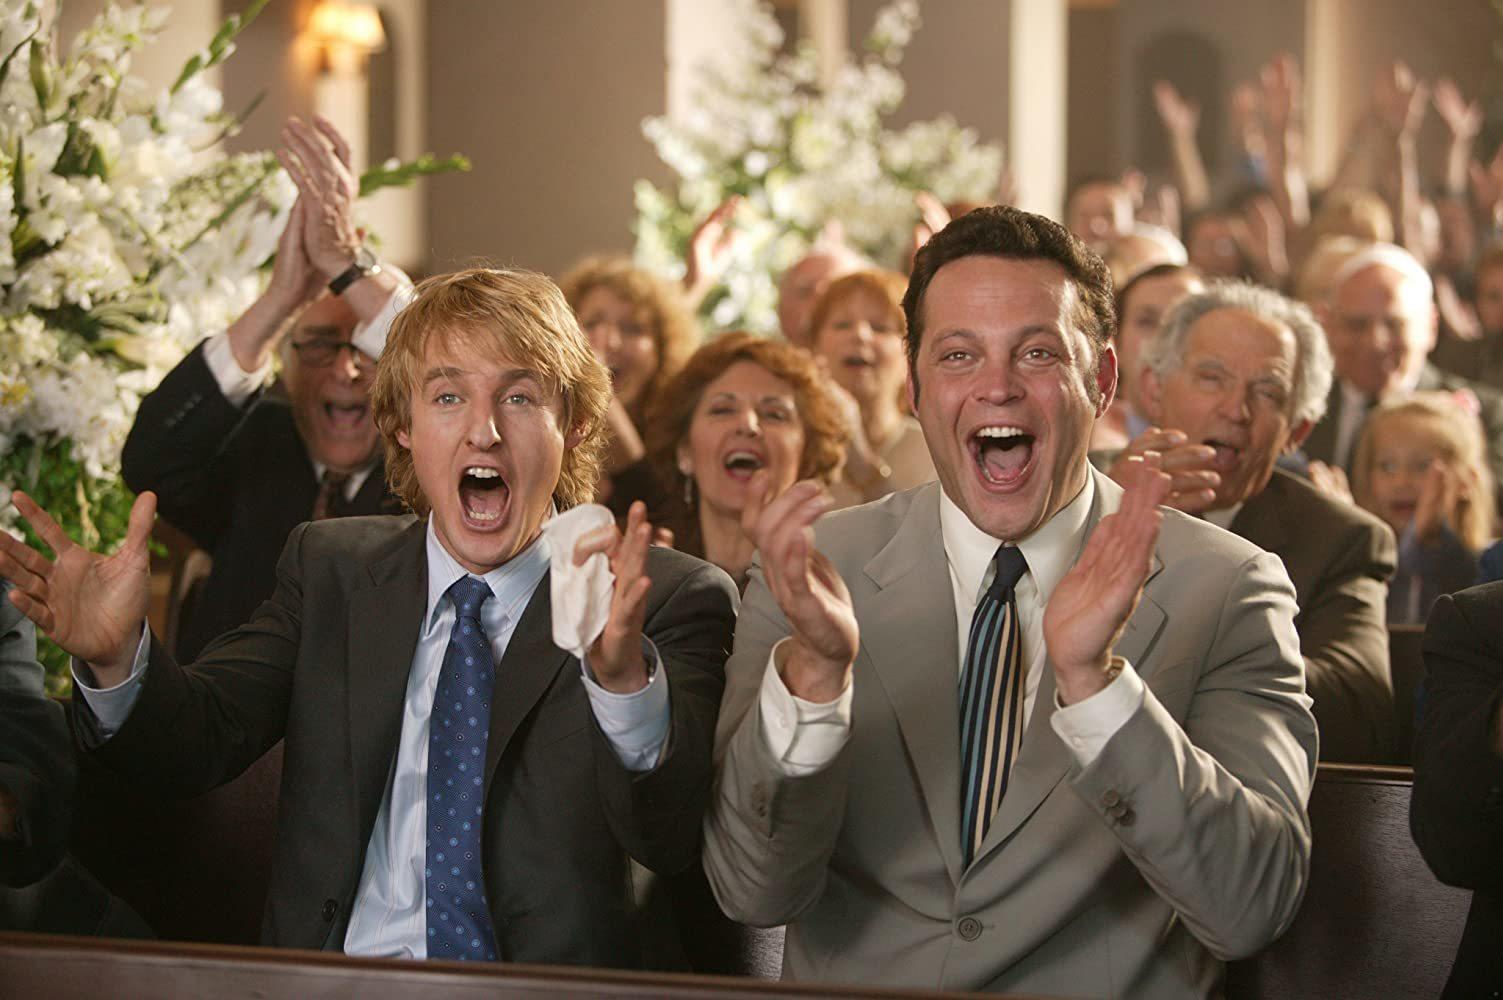 Nesvatbovi: Owen Wilson a Vince Vaughn by mohli znovu začít řádit | Fandíme filmu